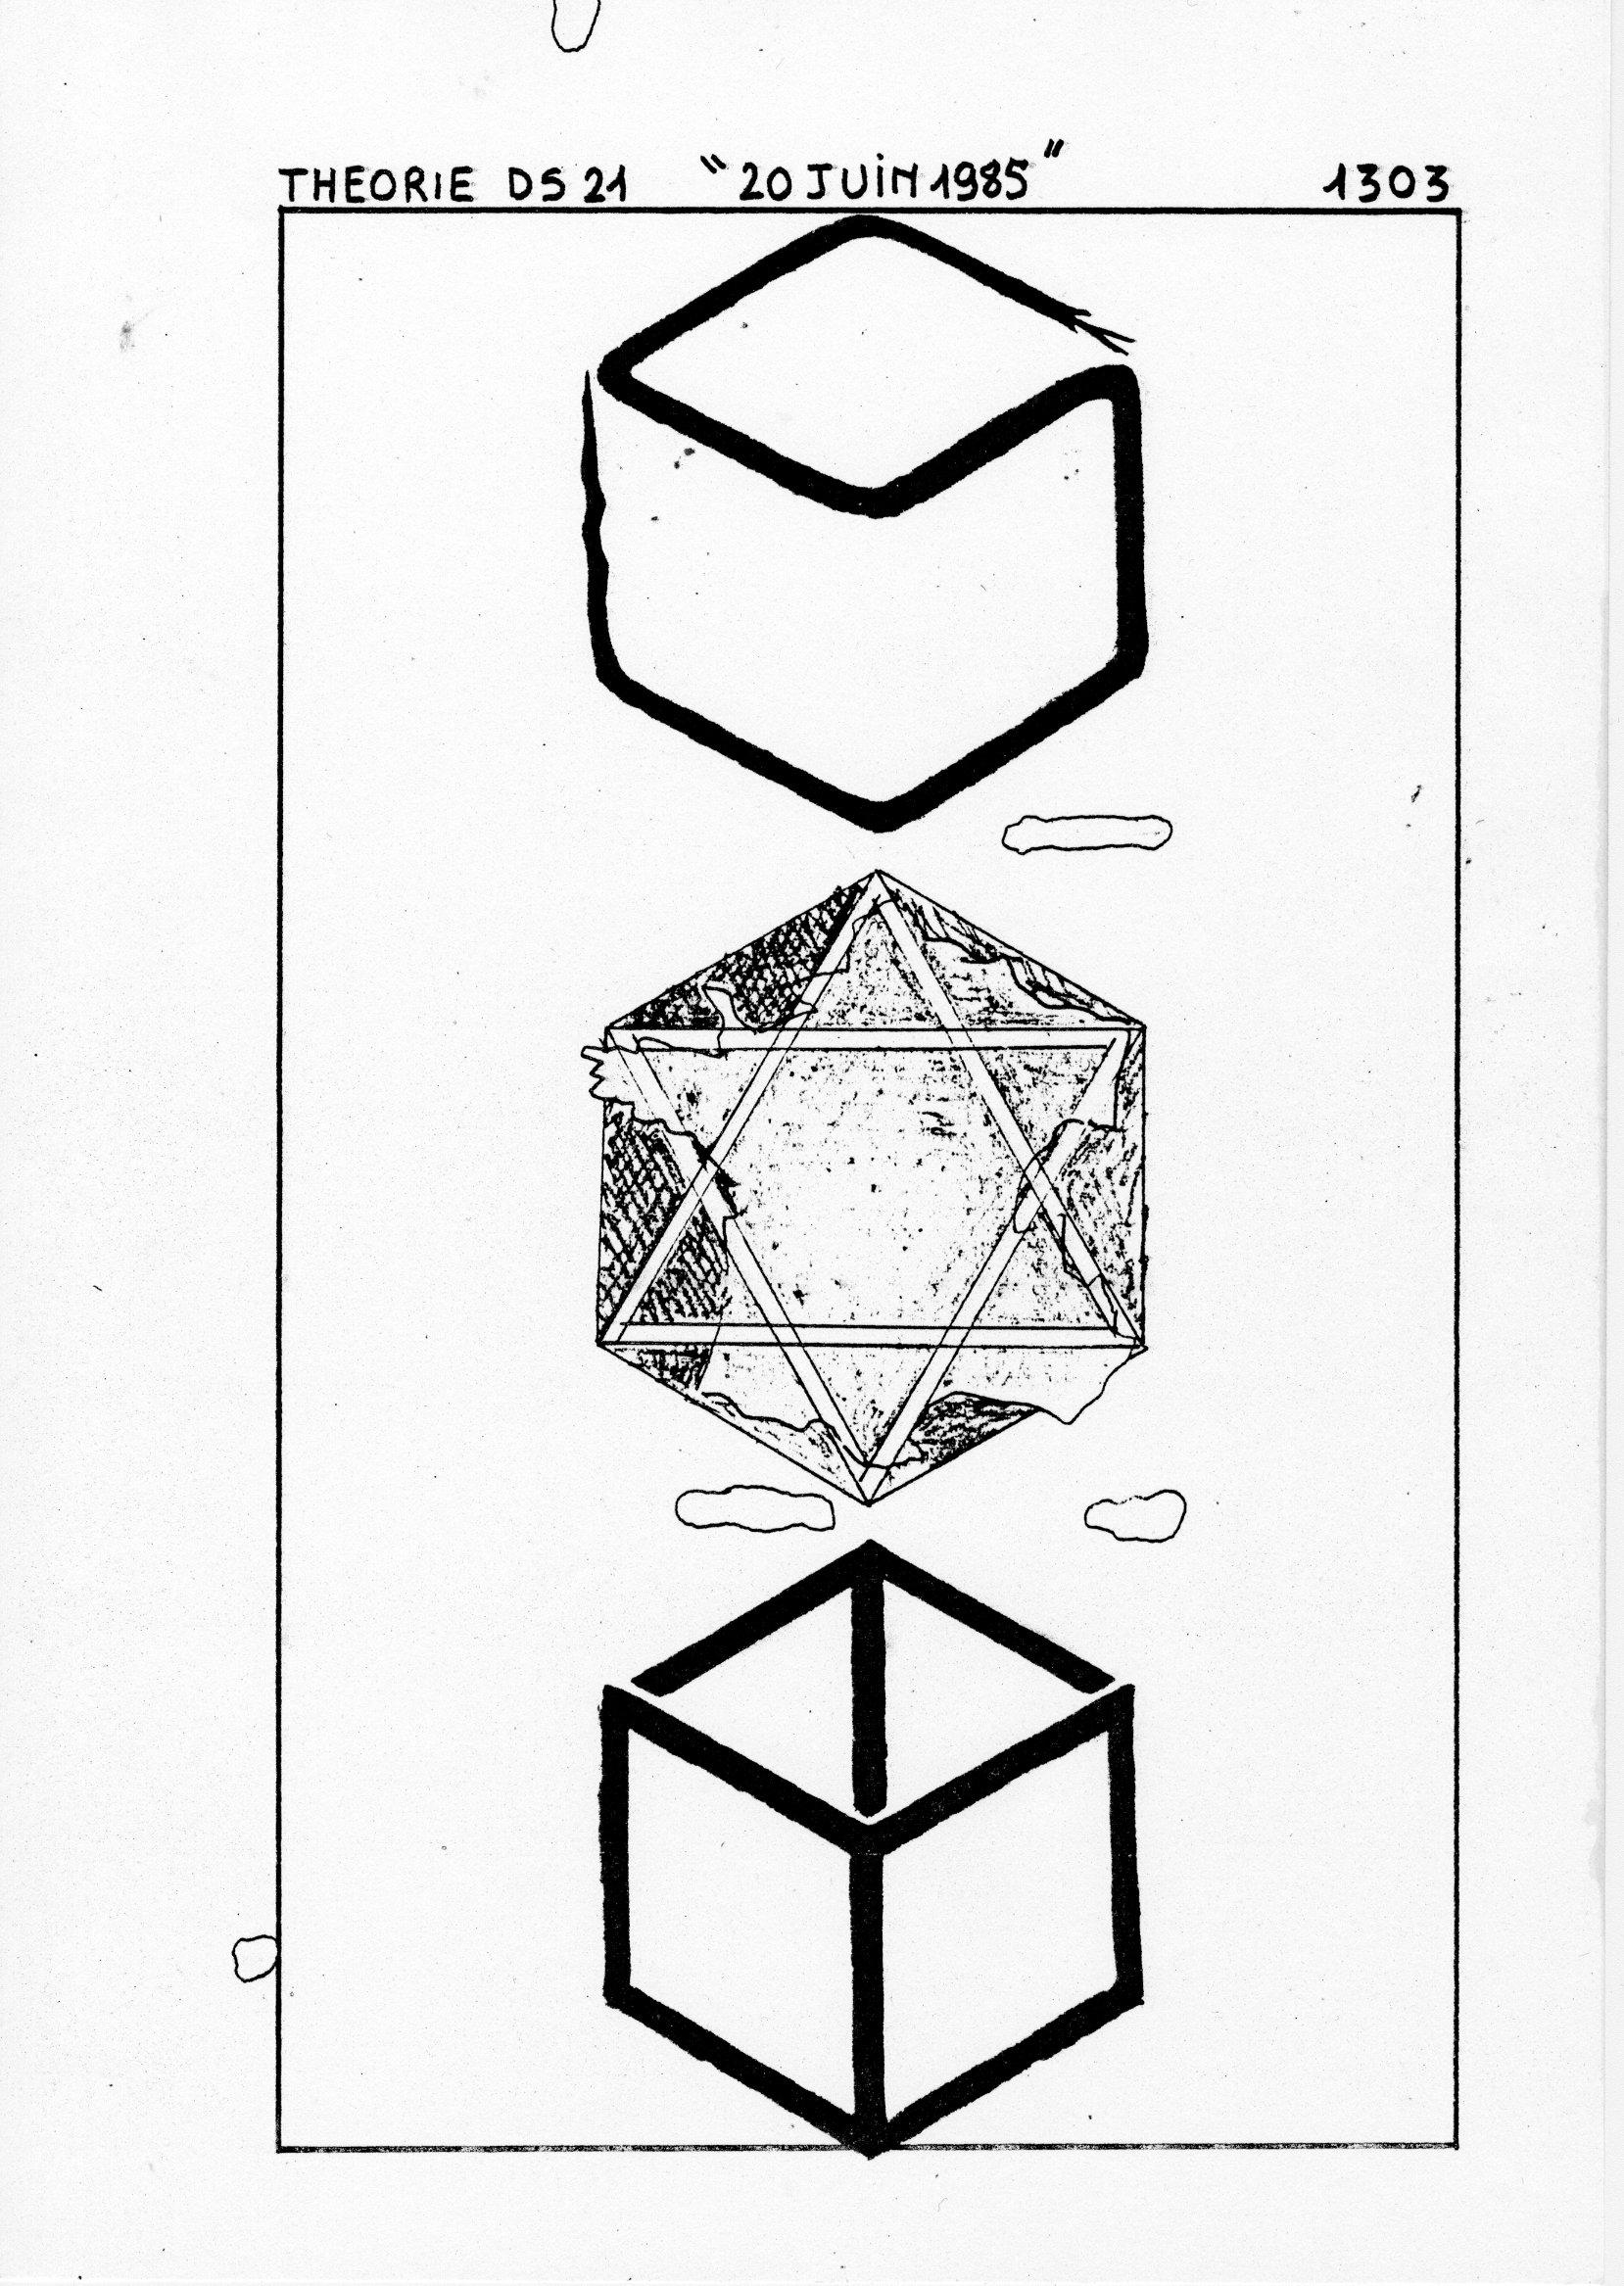 page 1303 Théorie D.S. 21 20 JUIN 1985